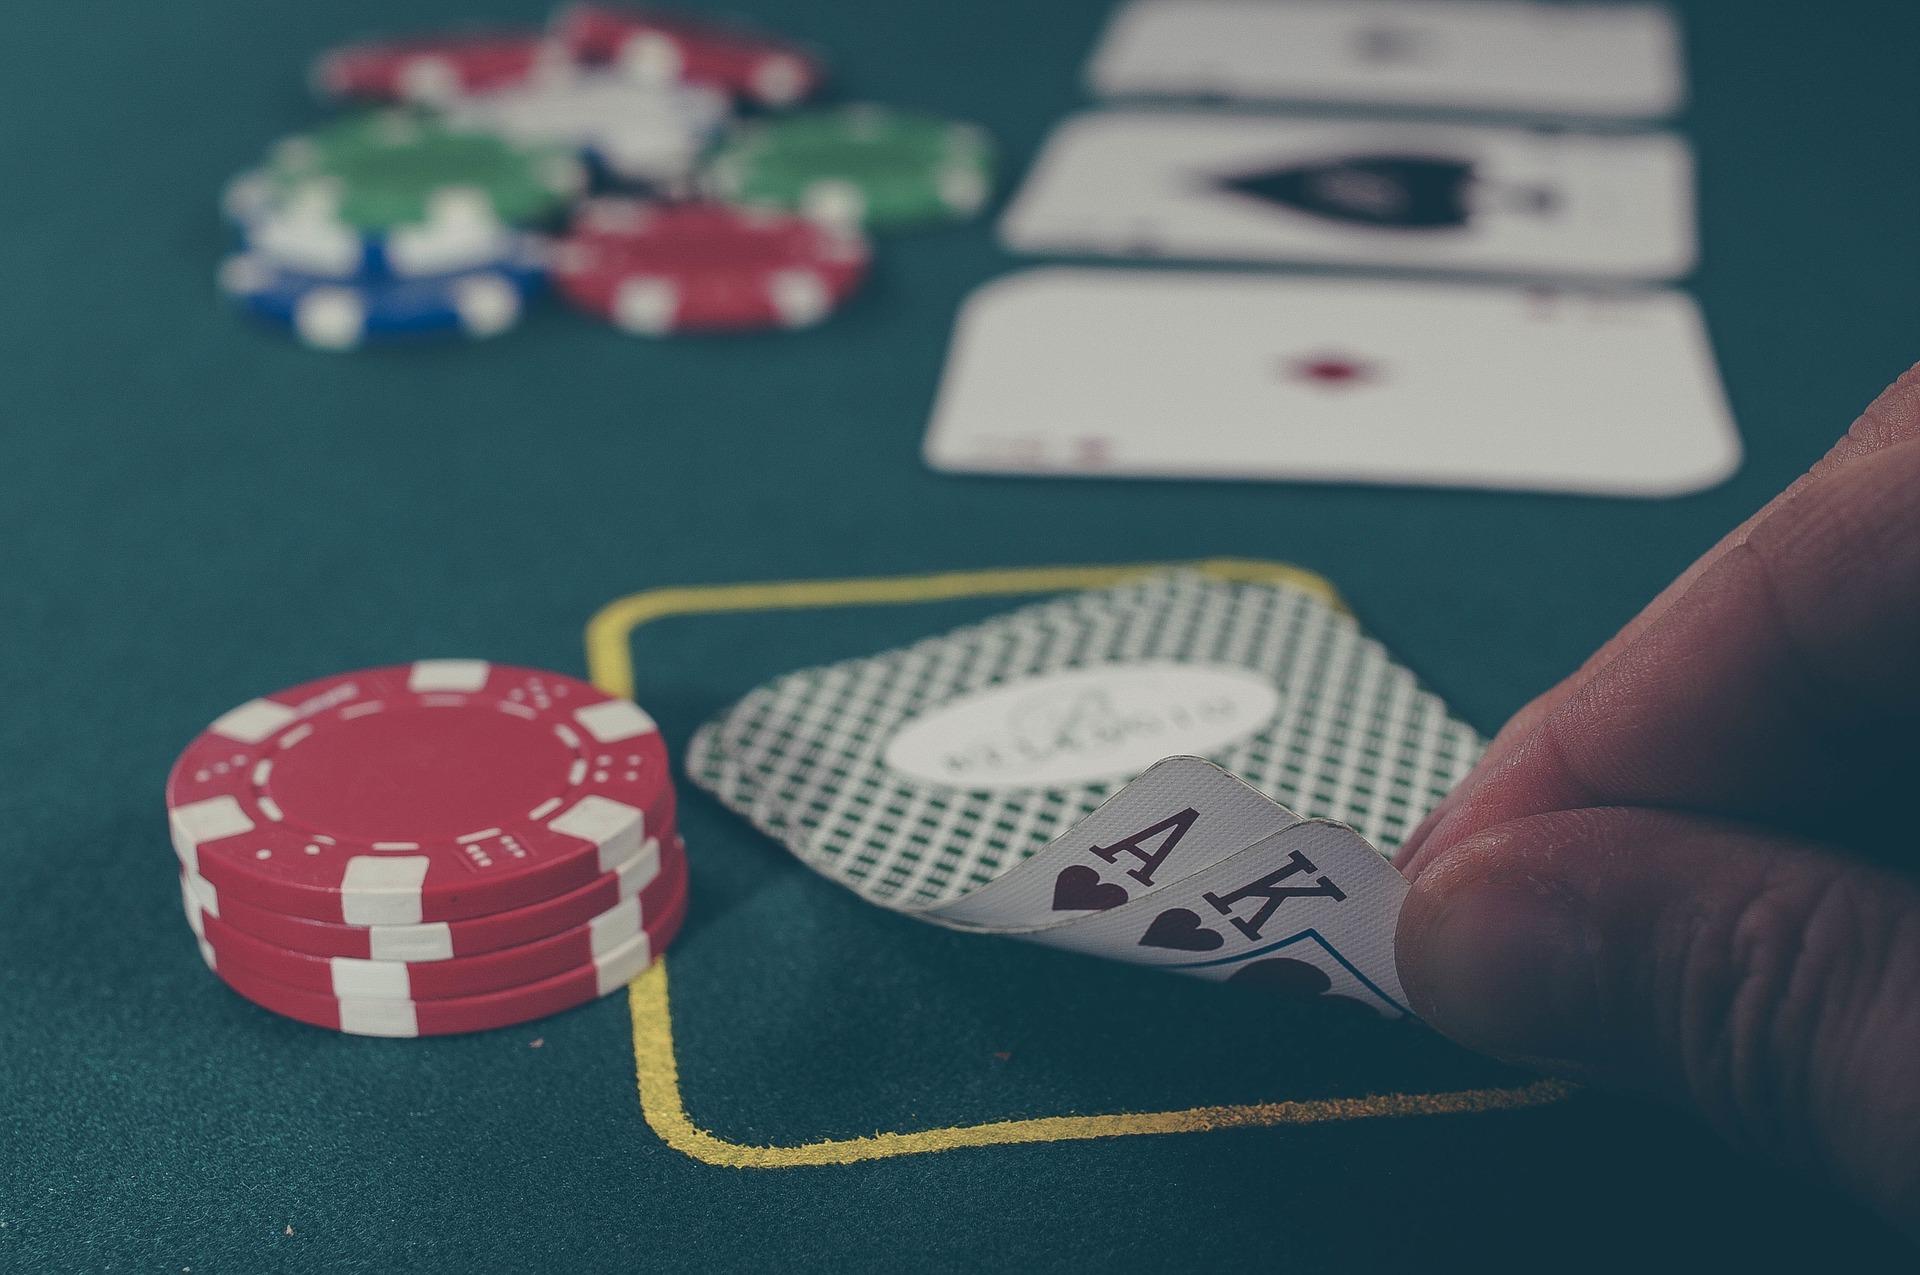 aa casino, animation casino factice pour tout type d'événement